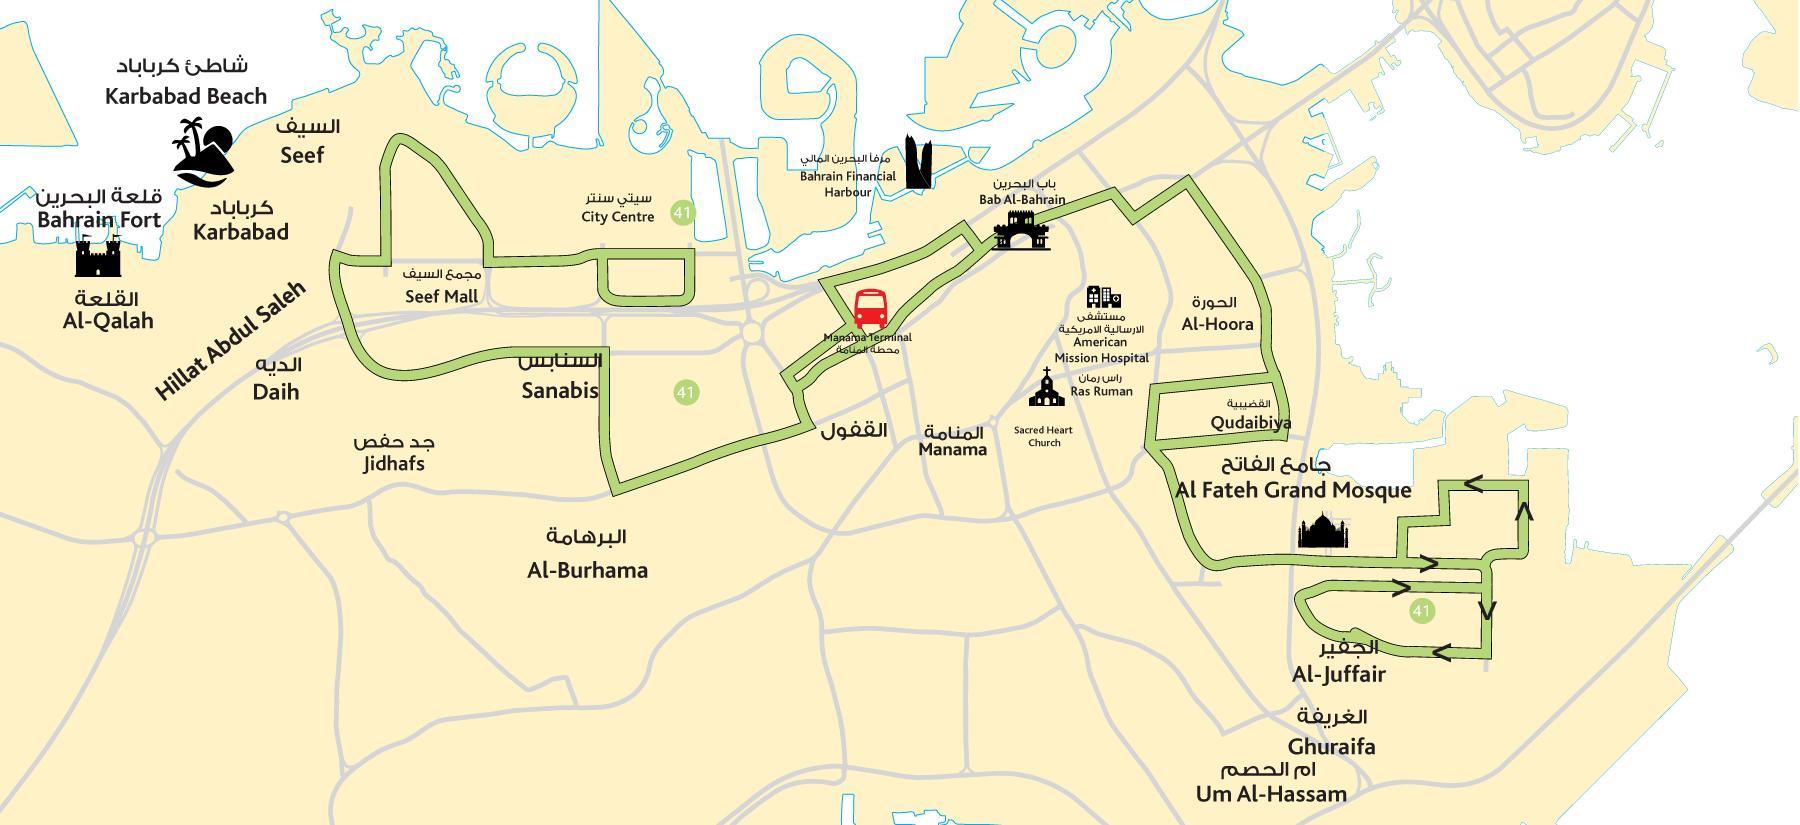 City Center Bahrain Kort Kort Over Centrum Bahrain Det Vestlige